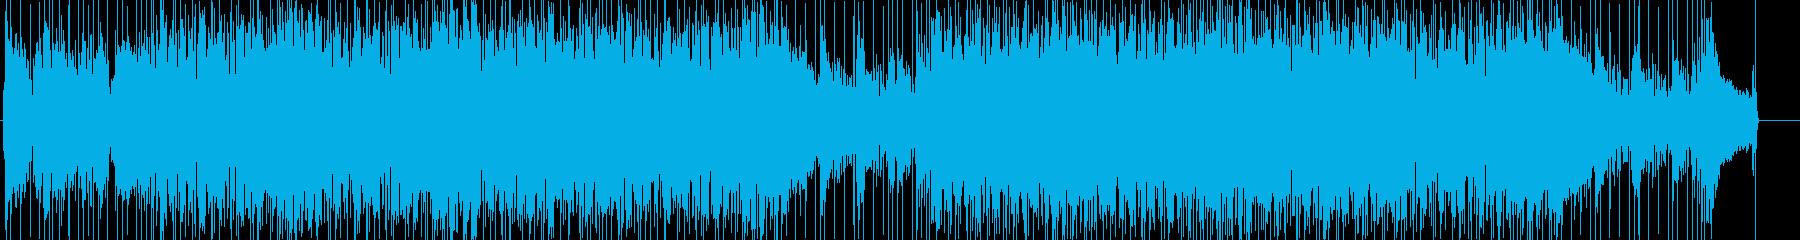 爽やかで軽快なロックフュージョンの再生済みの波形